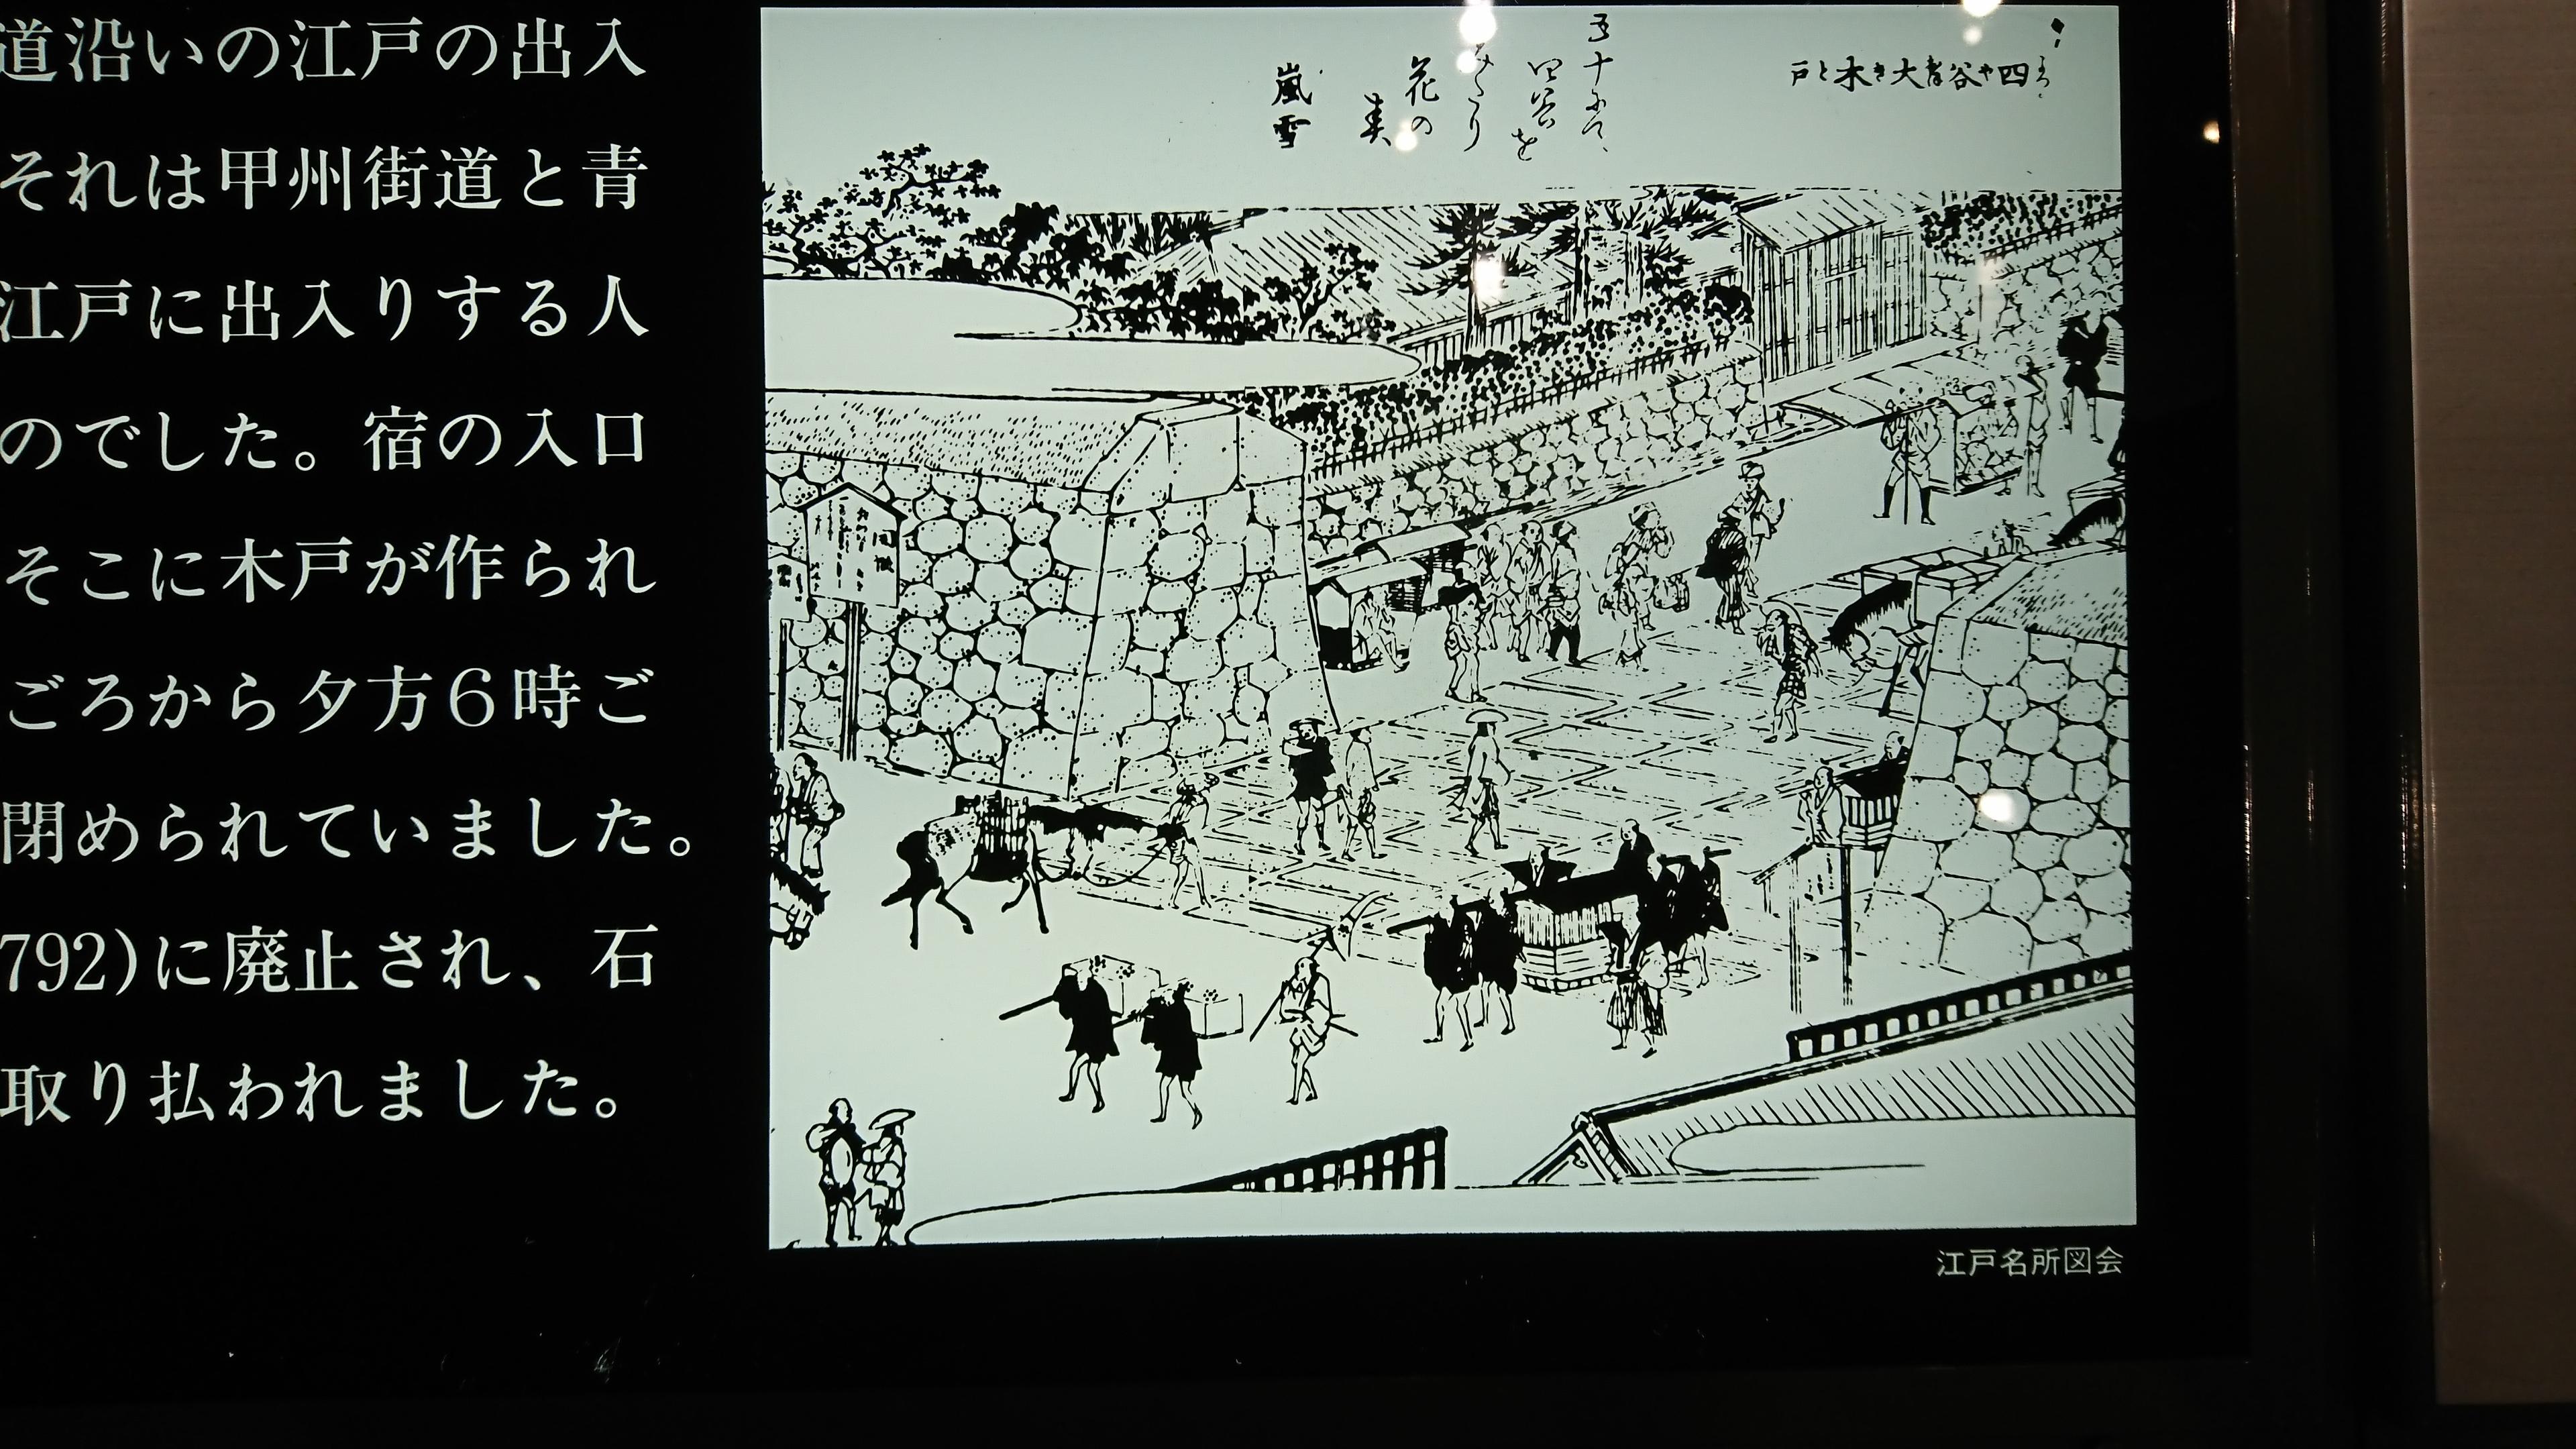 新宿歴史博物館 四谷大木戸 渋谷川上流散策2